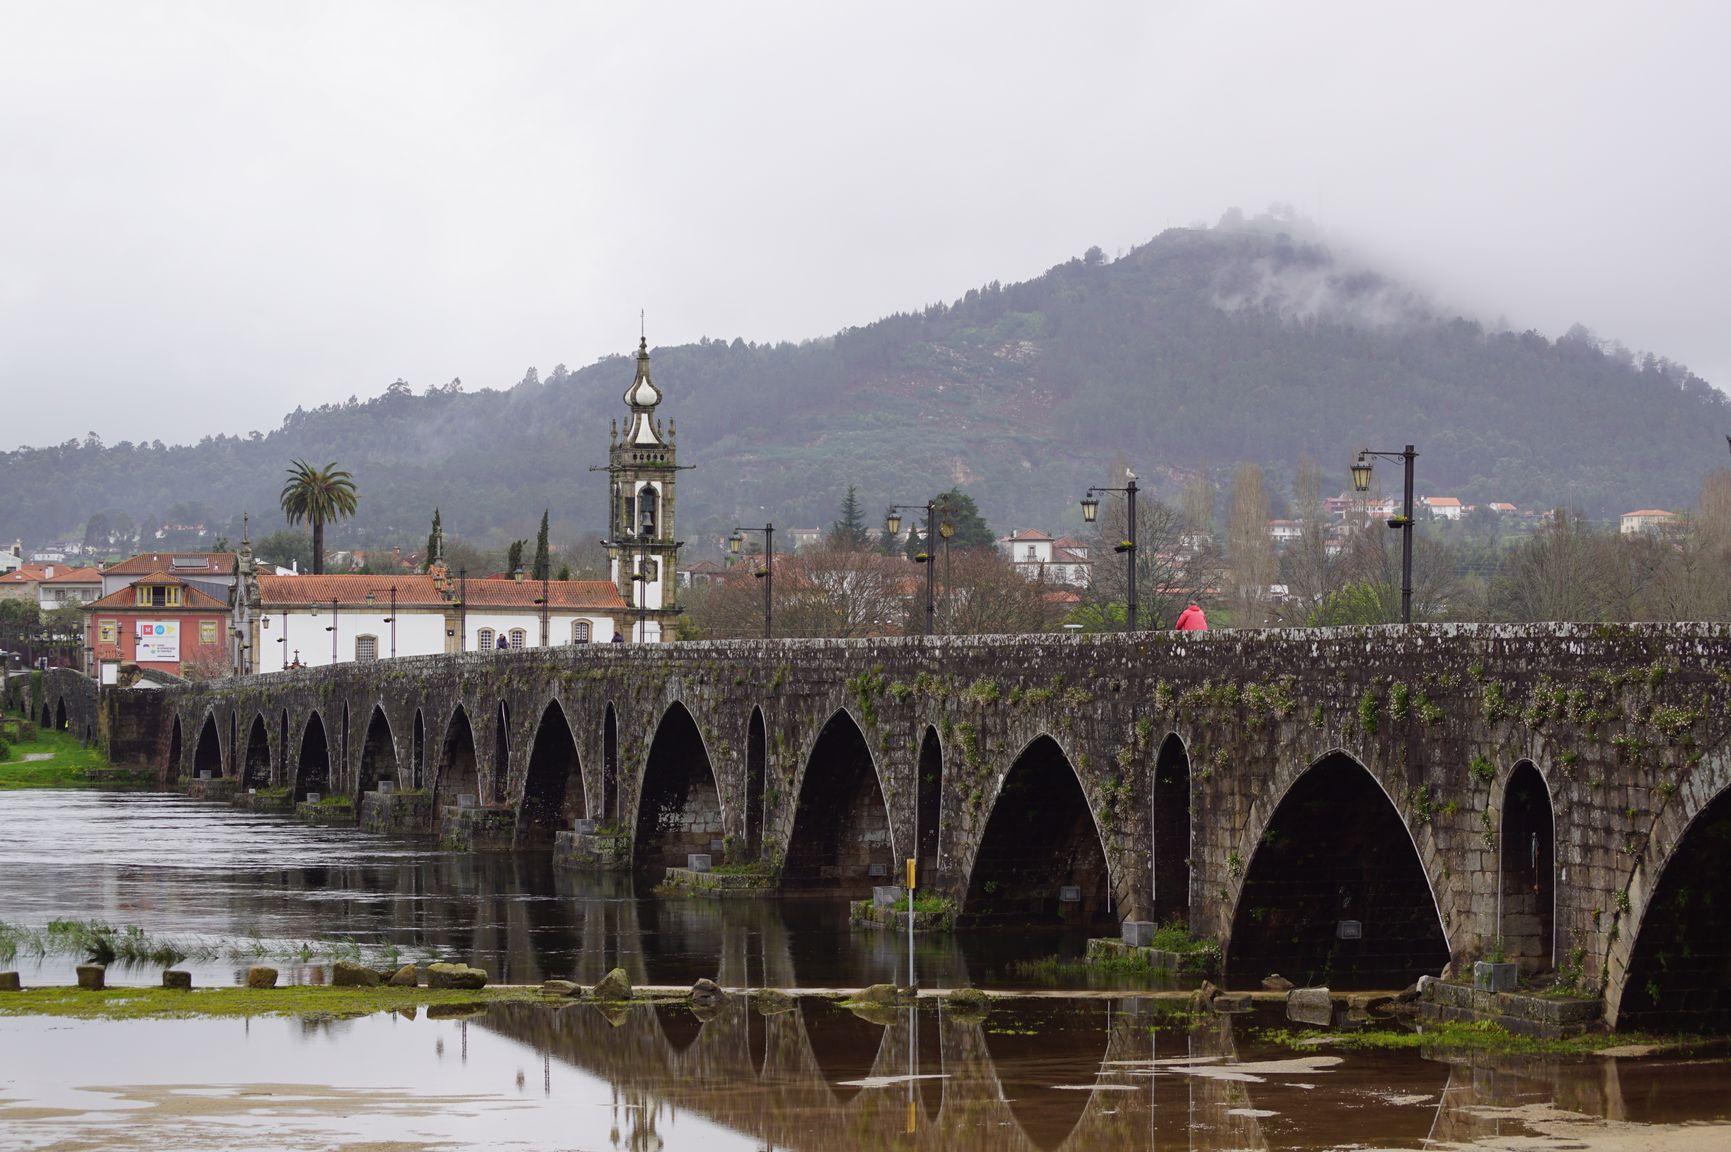 Ponte de lima mars 220 (12)